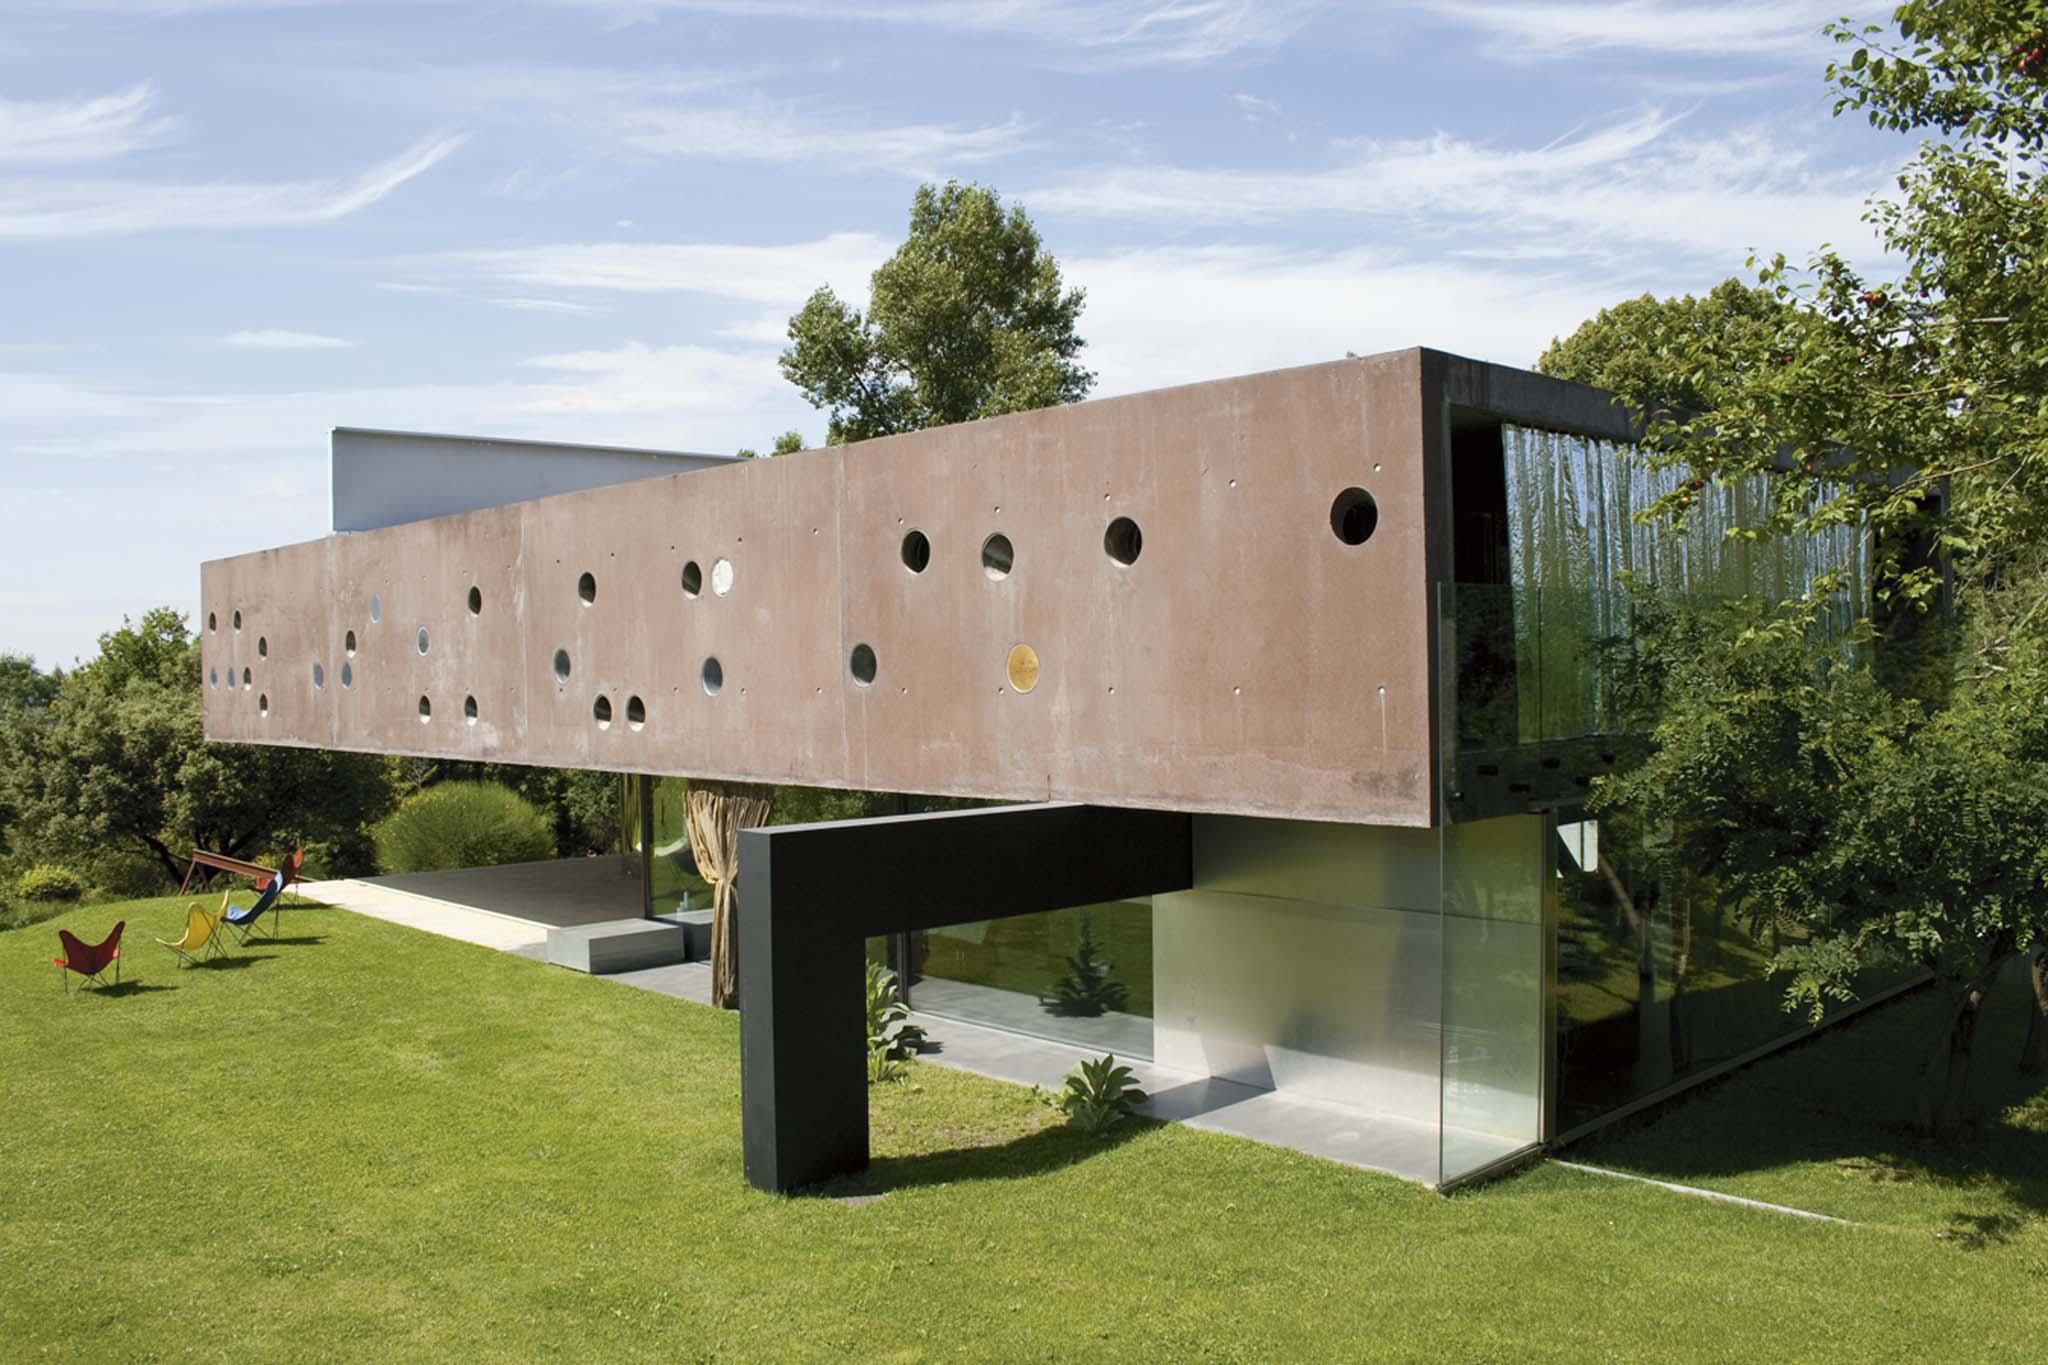 Querre d 39 argent 1998 laur at rem koolhaas maison priv e for Maison de l architecture bordeaux